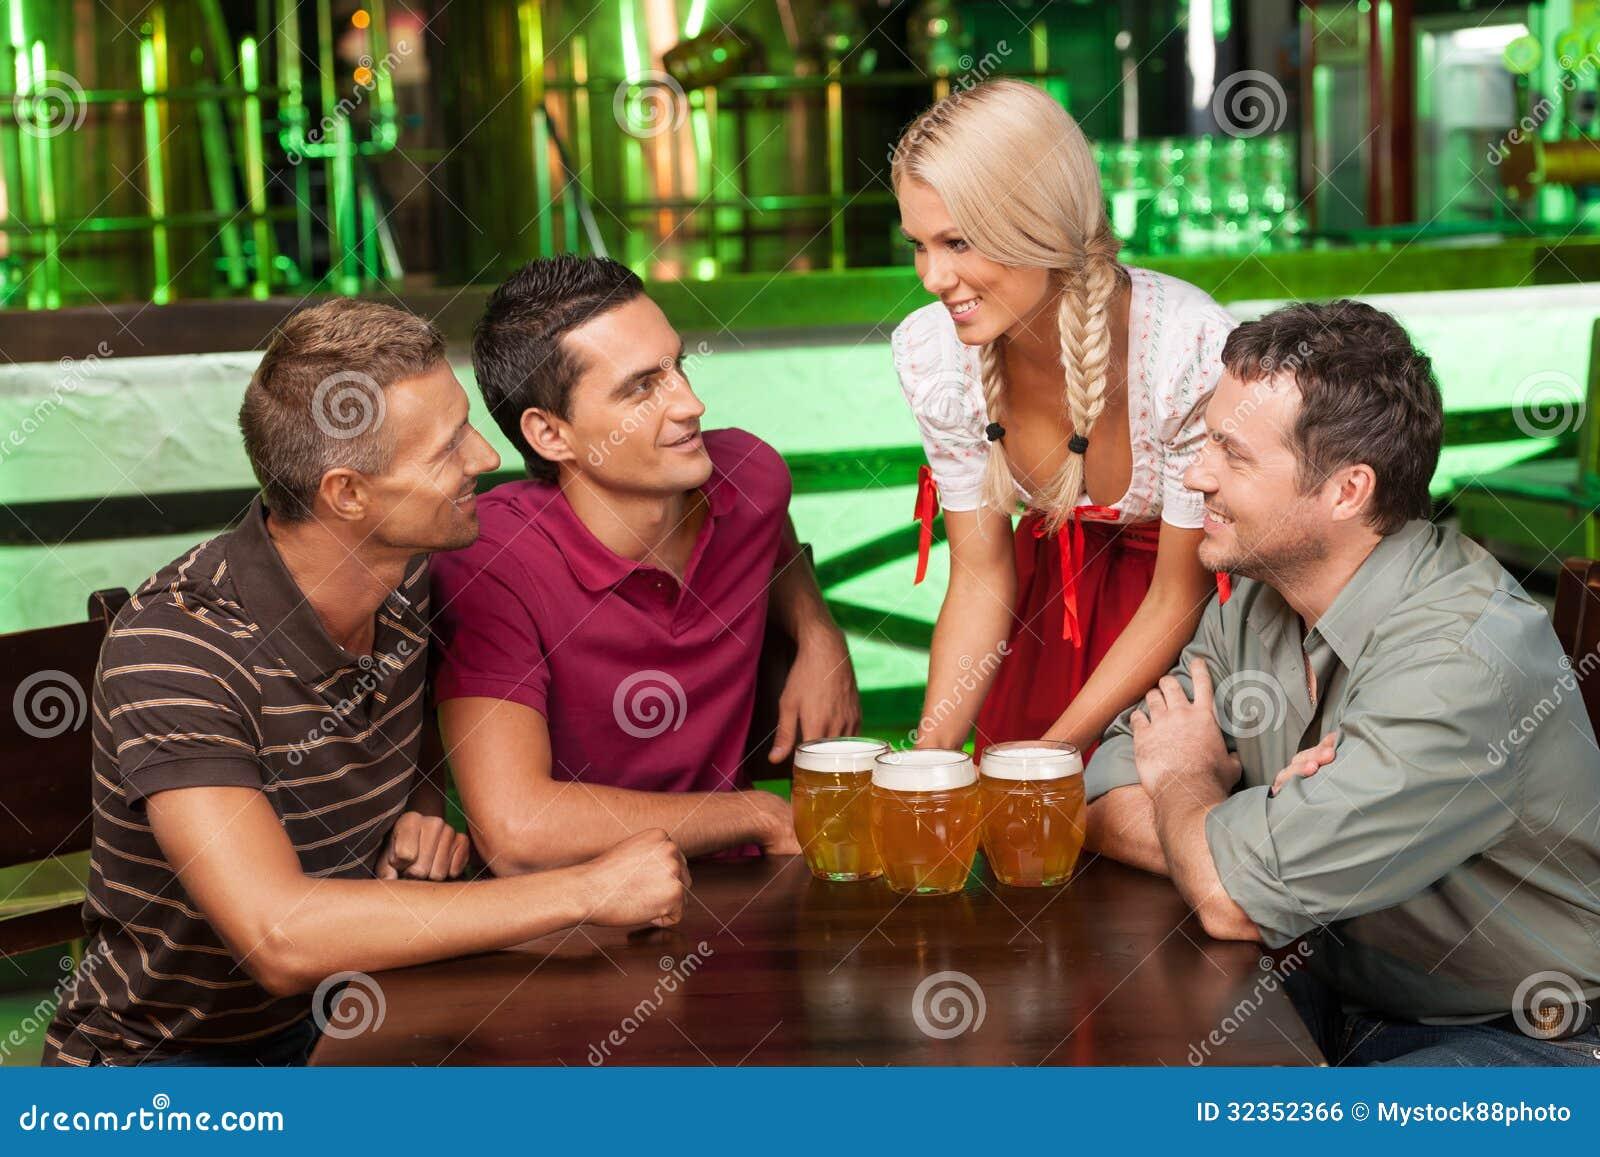 beer for gentlemen beautiful young waitress serving beer